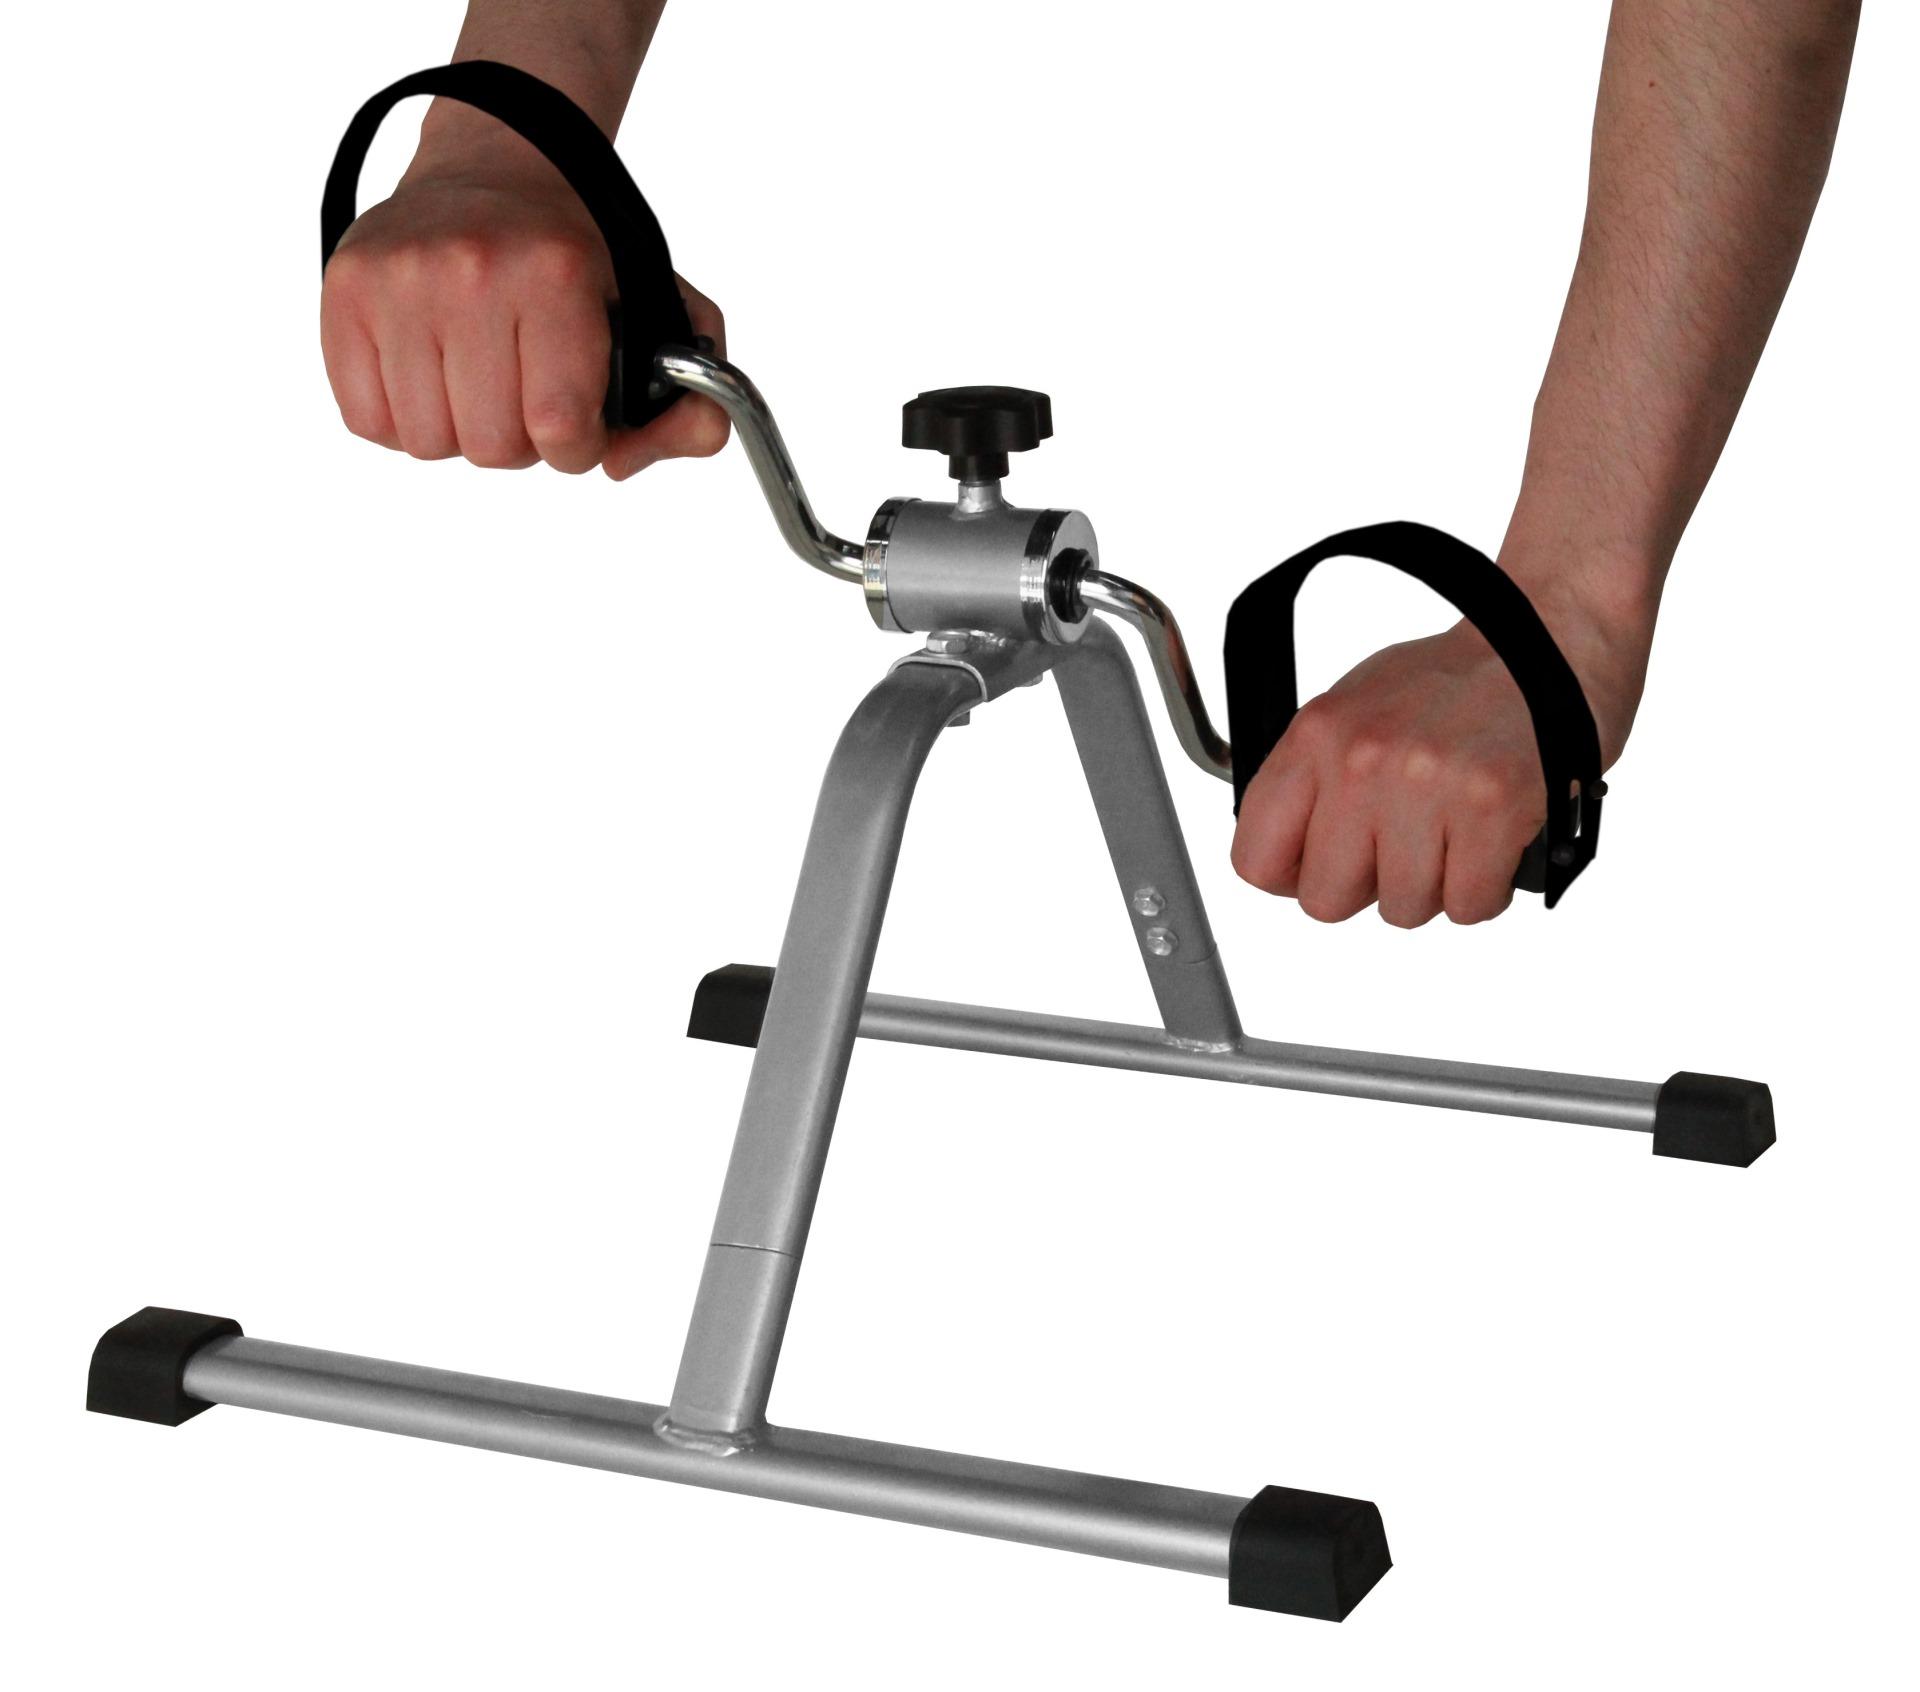 Renforcemement musculaire